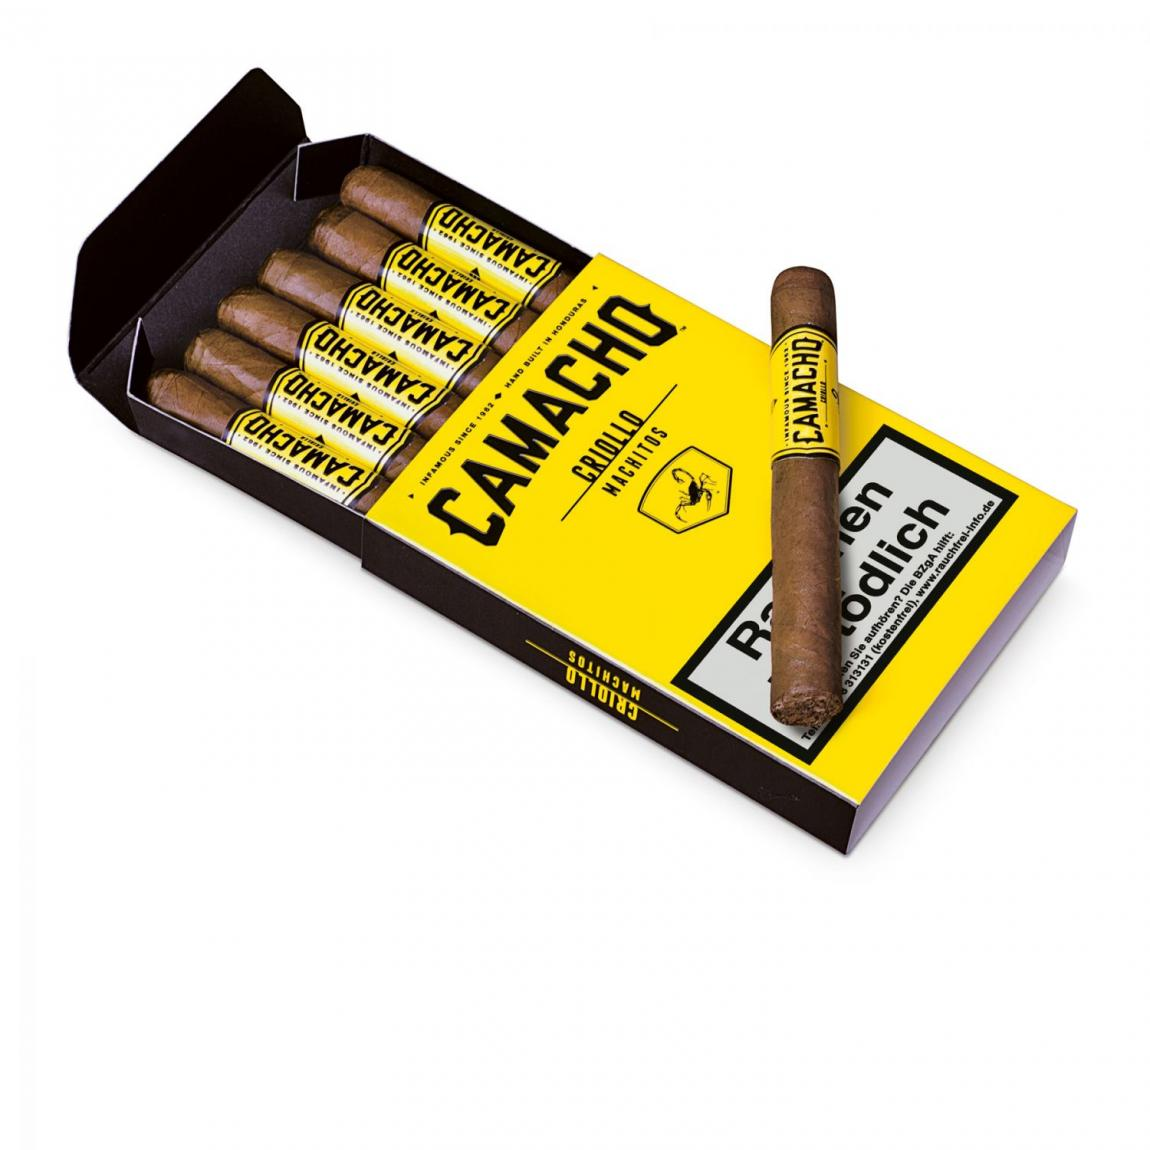 Camacho »Criollo« Machitos 6er Schachtel